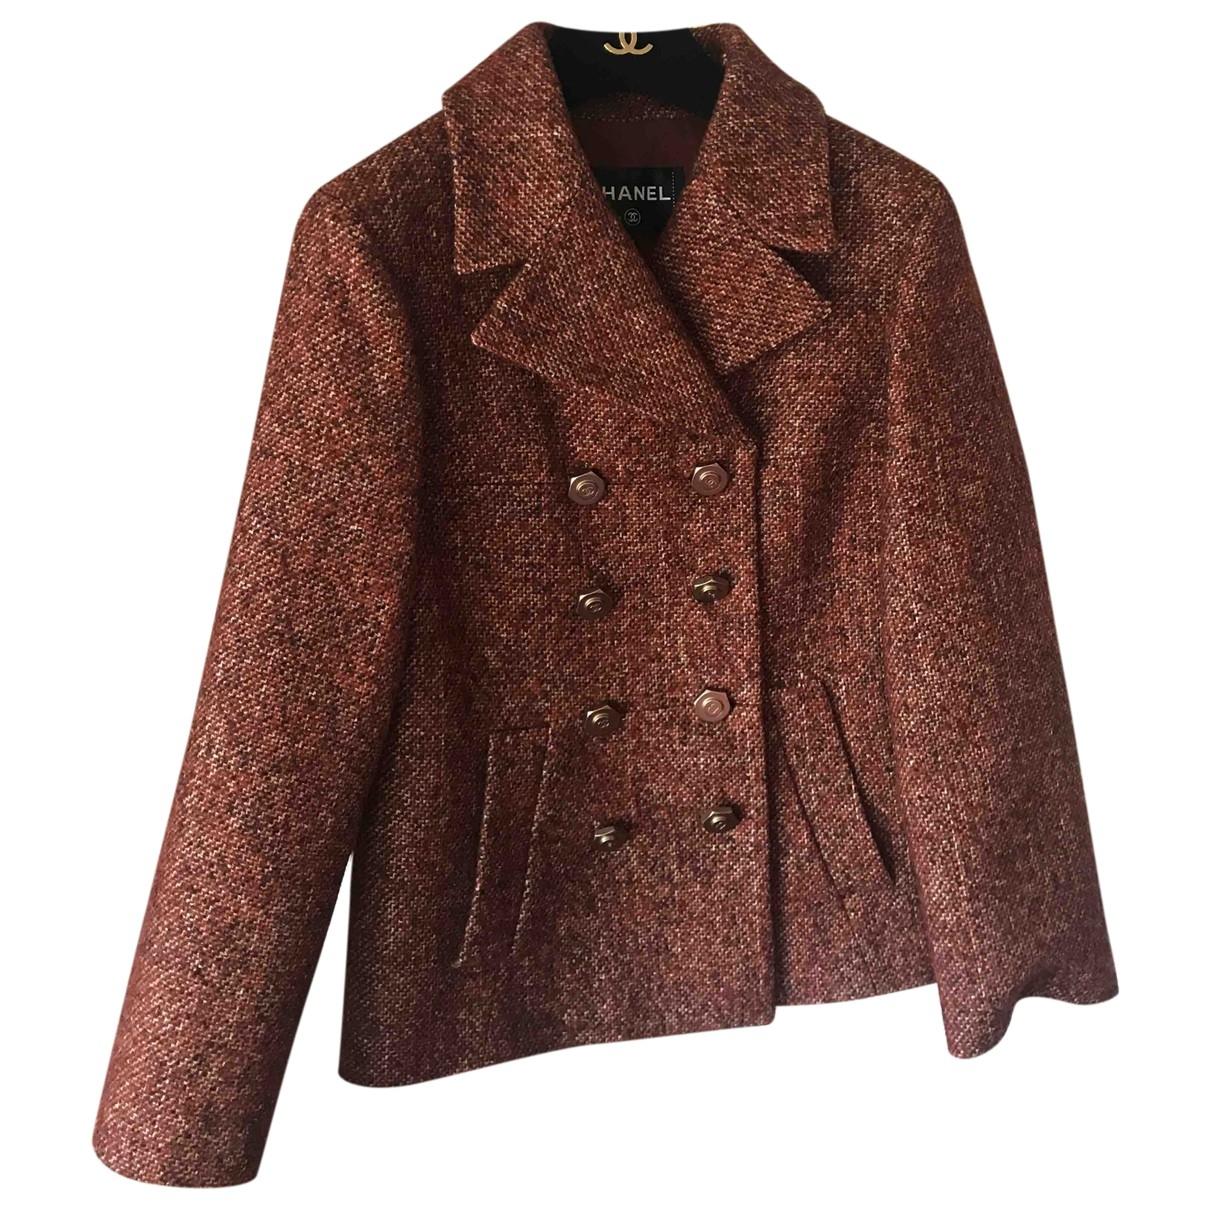 Chanel \N Multicolour Wool jacket for Women 34 FR